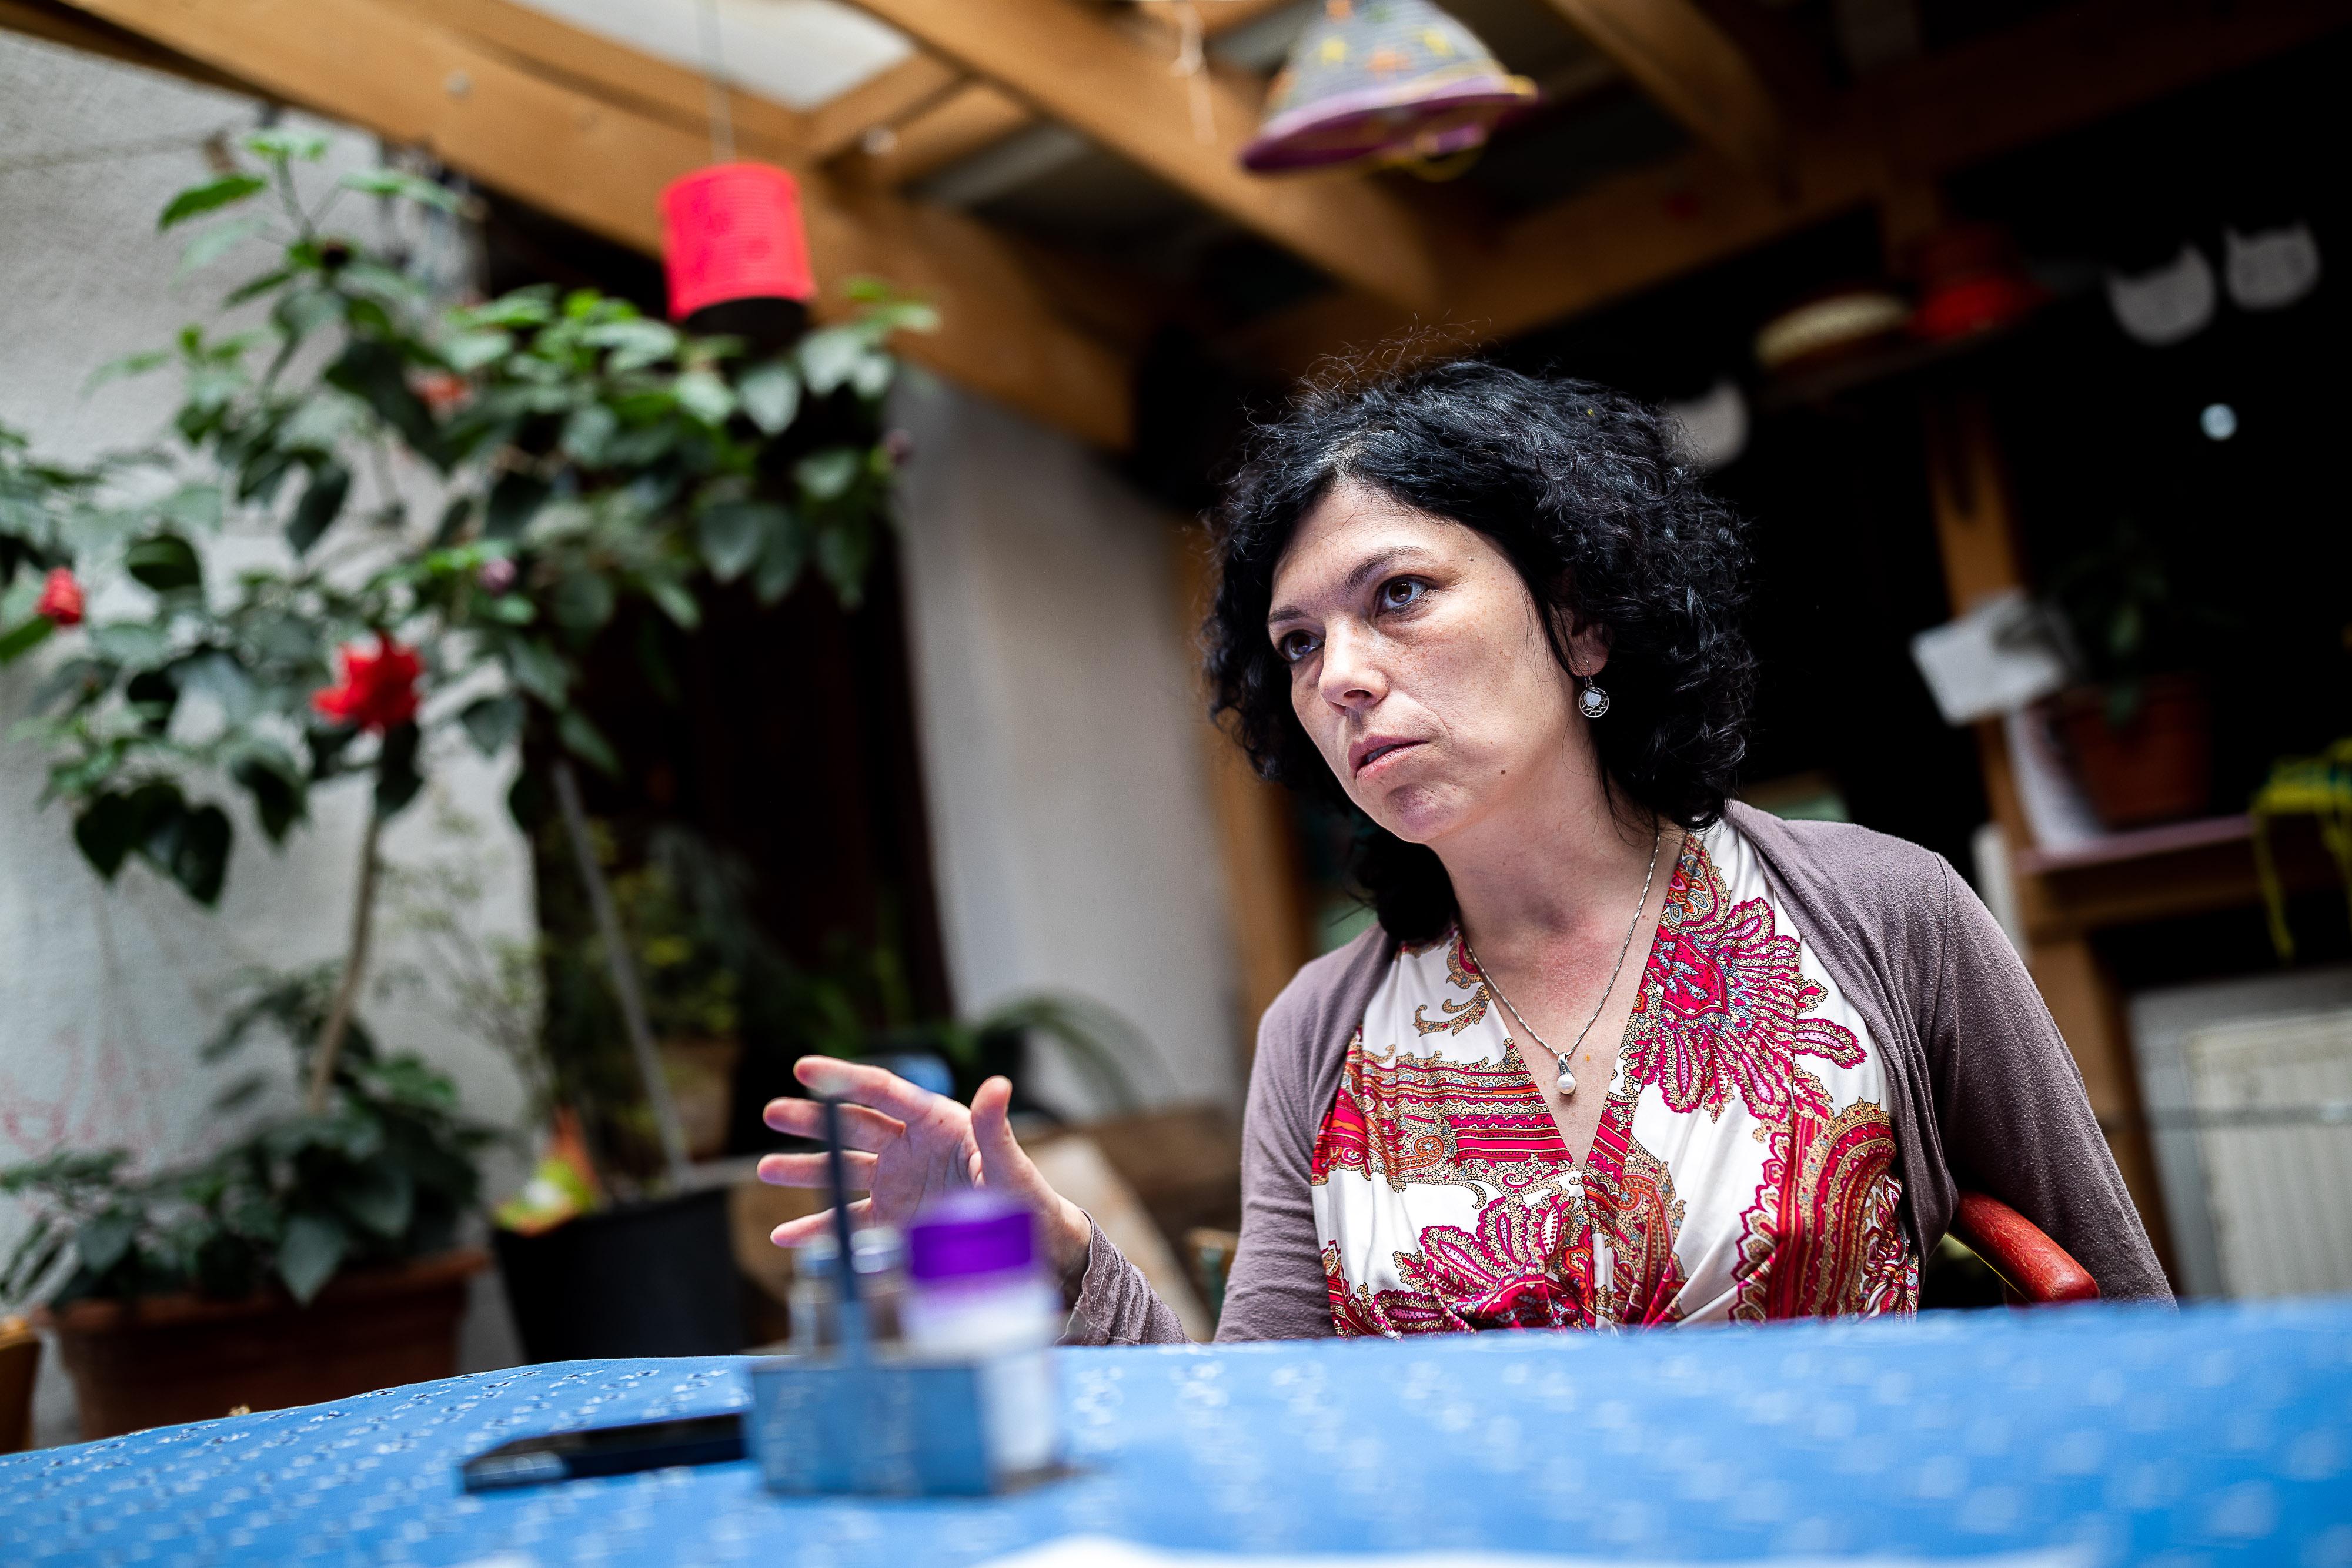 Kovai Cecília 2000-ben, másodéves egyetemistaként kezdett dolgozni abban az 1700 fős faluban, amelyet a könyvében fiktív néven, Gömbaljaként emleget.